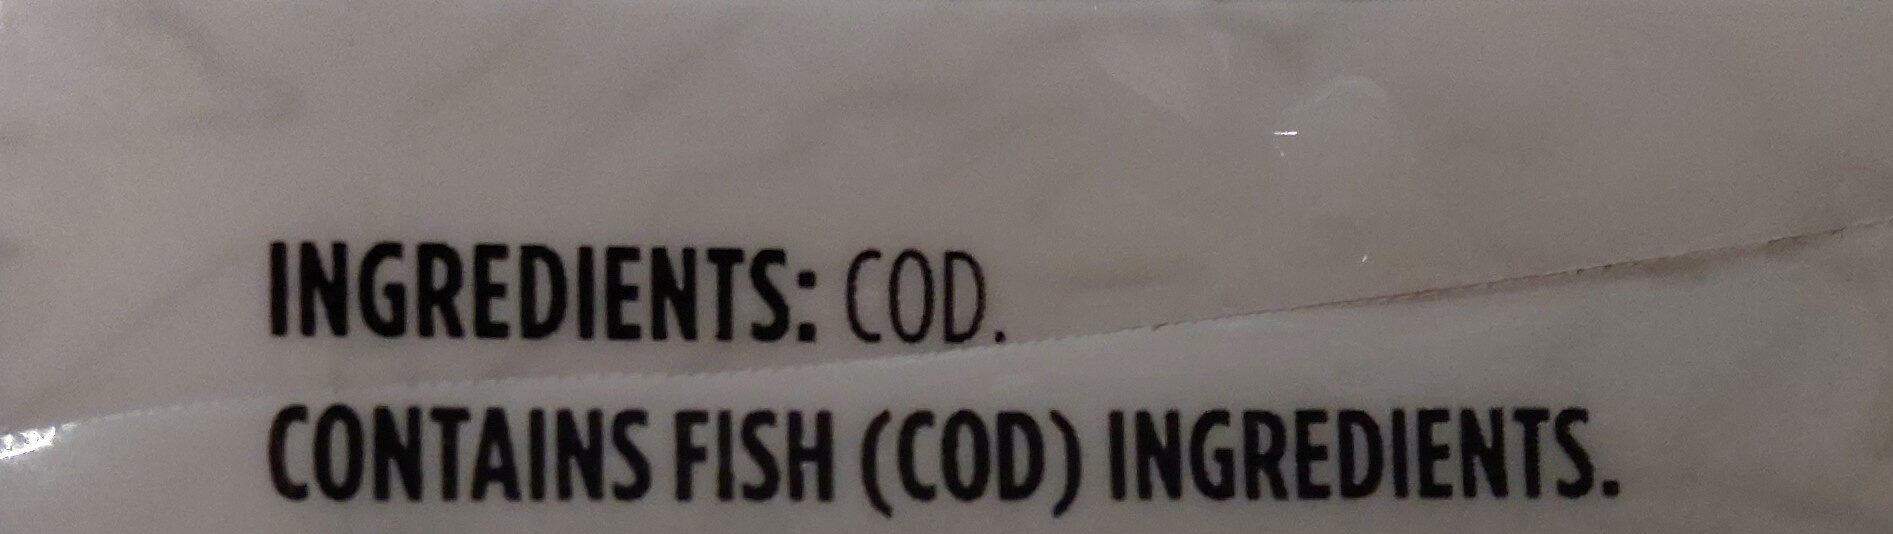 Wild-Caught Cod Fillets - Ingredients - en